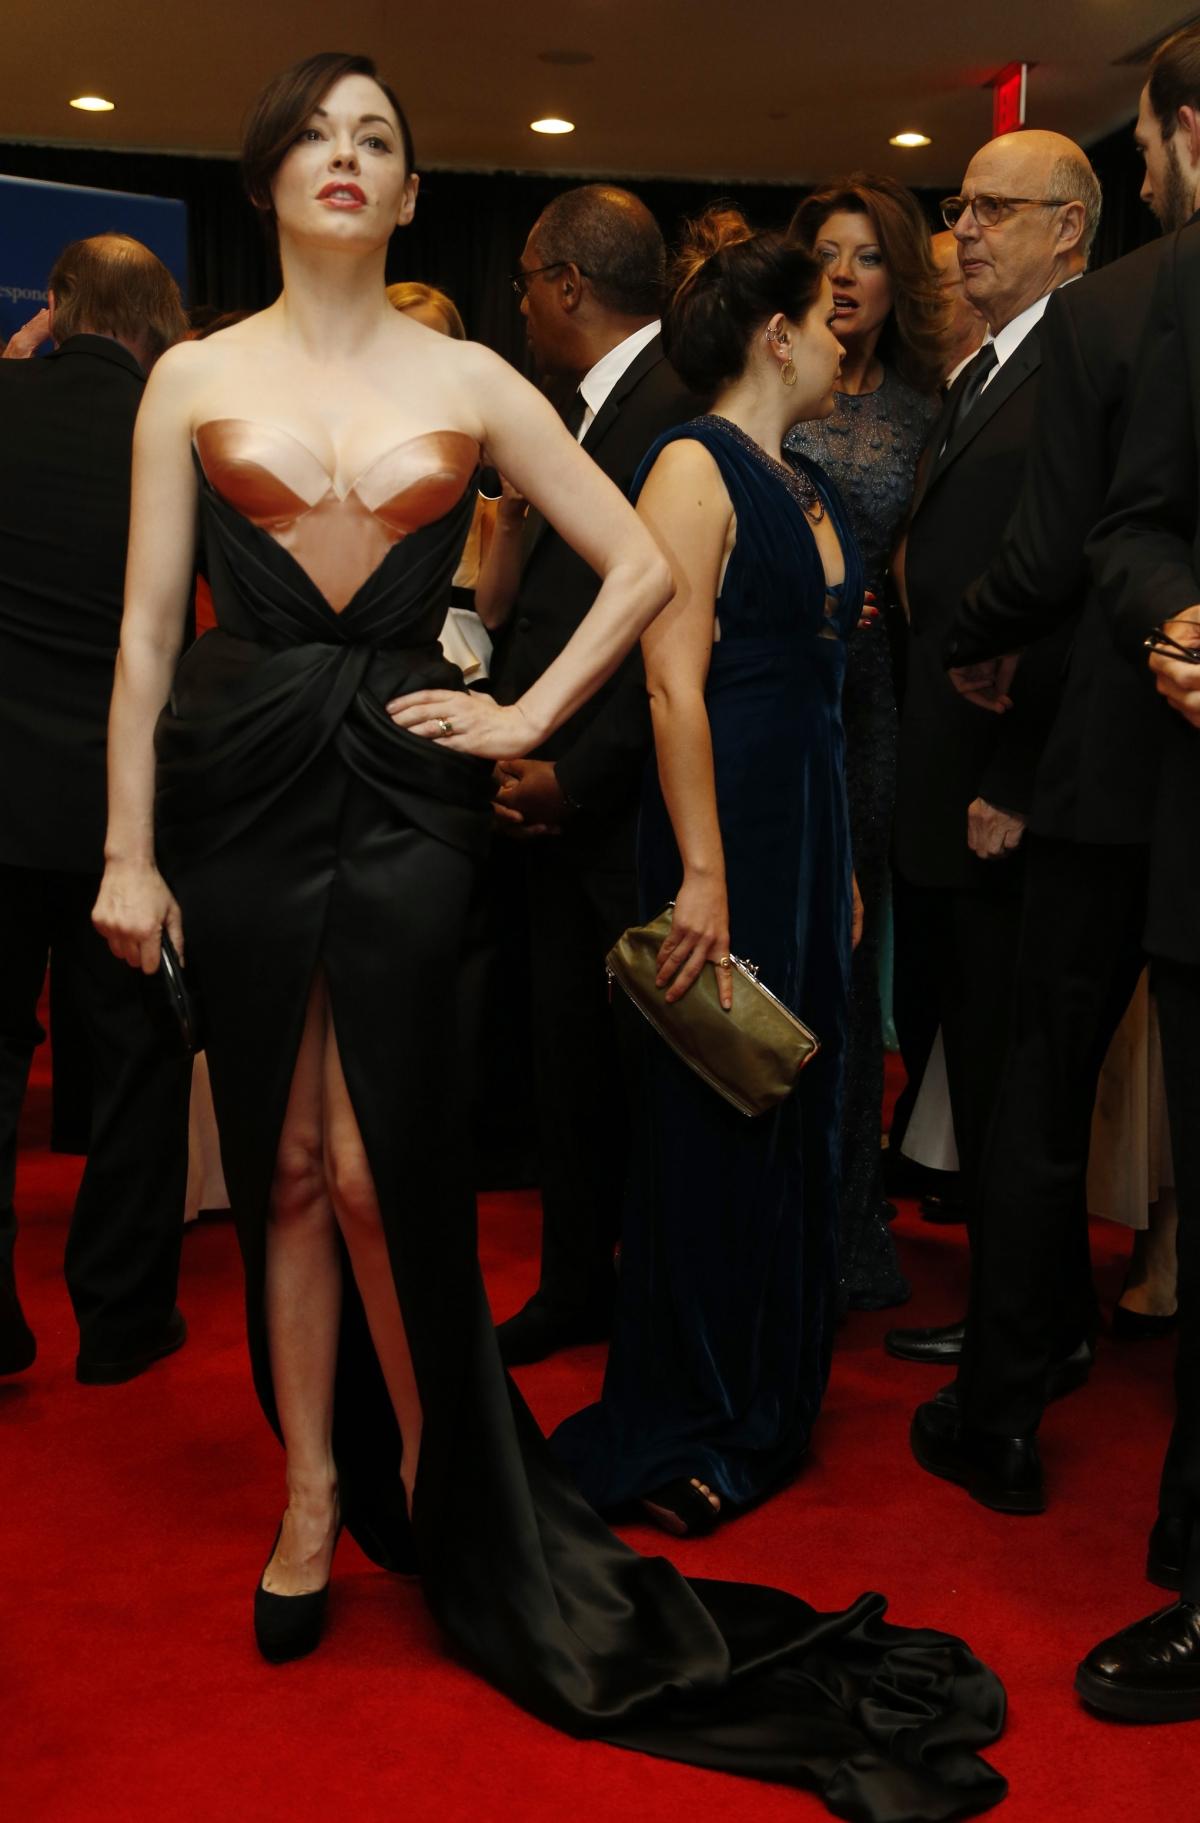 Actress Rose McGowan